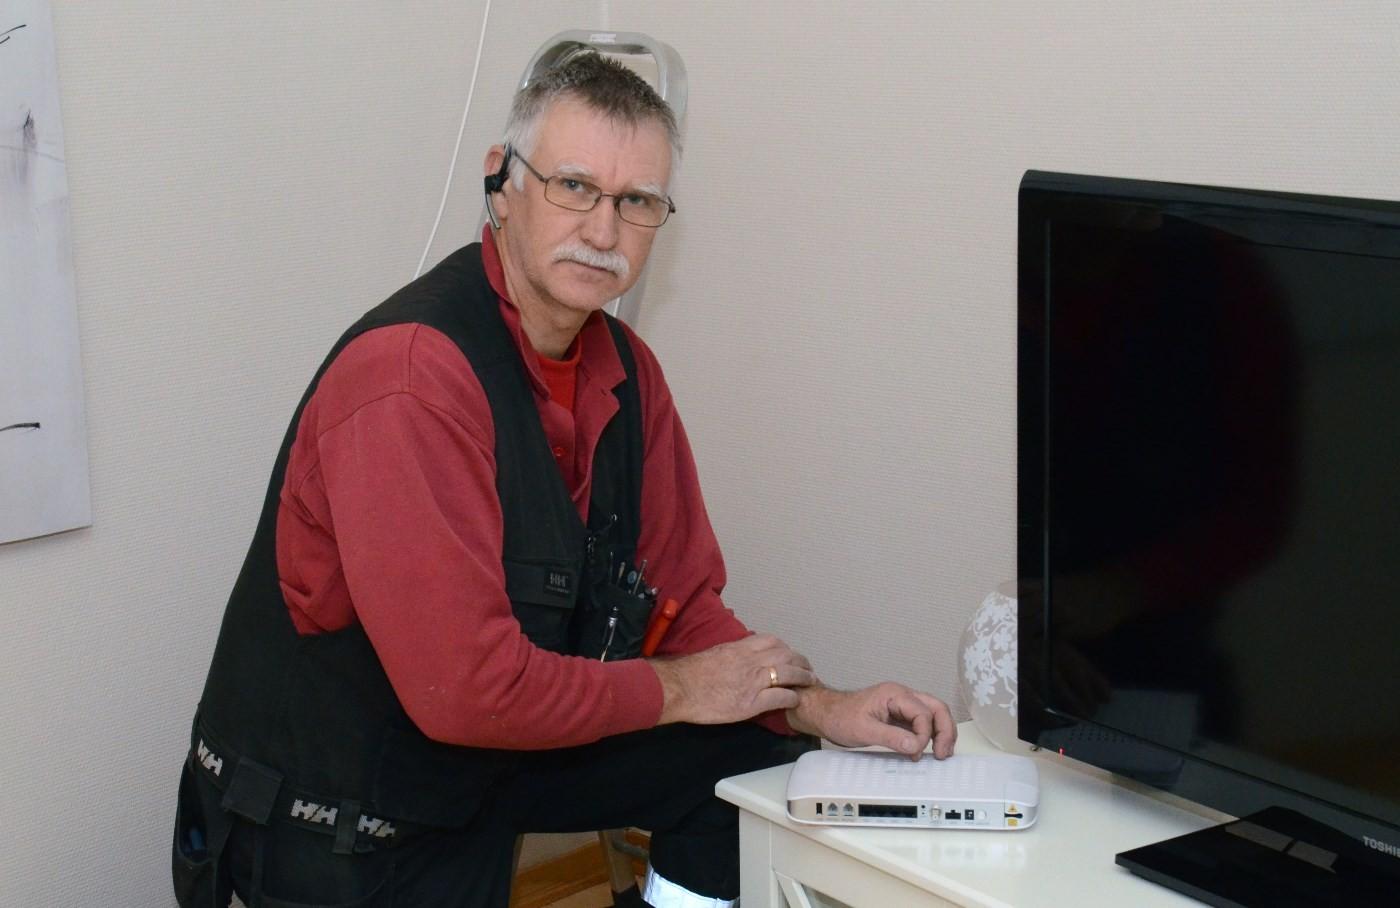 Ole Ingar Strand i gang med tilkobling av fiberkabelen hos Mari Redalen.  Foto: Jon Olav Ørsal